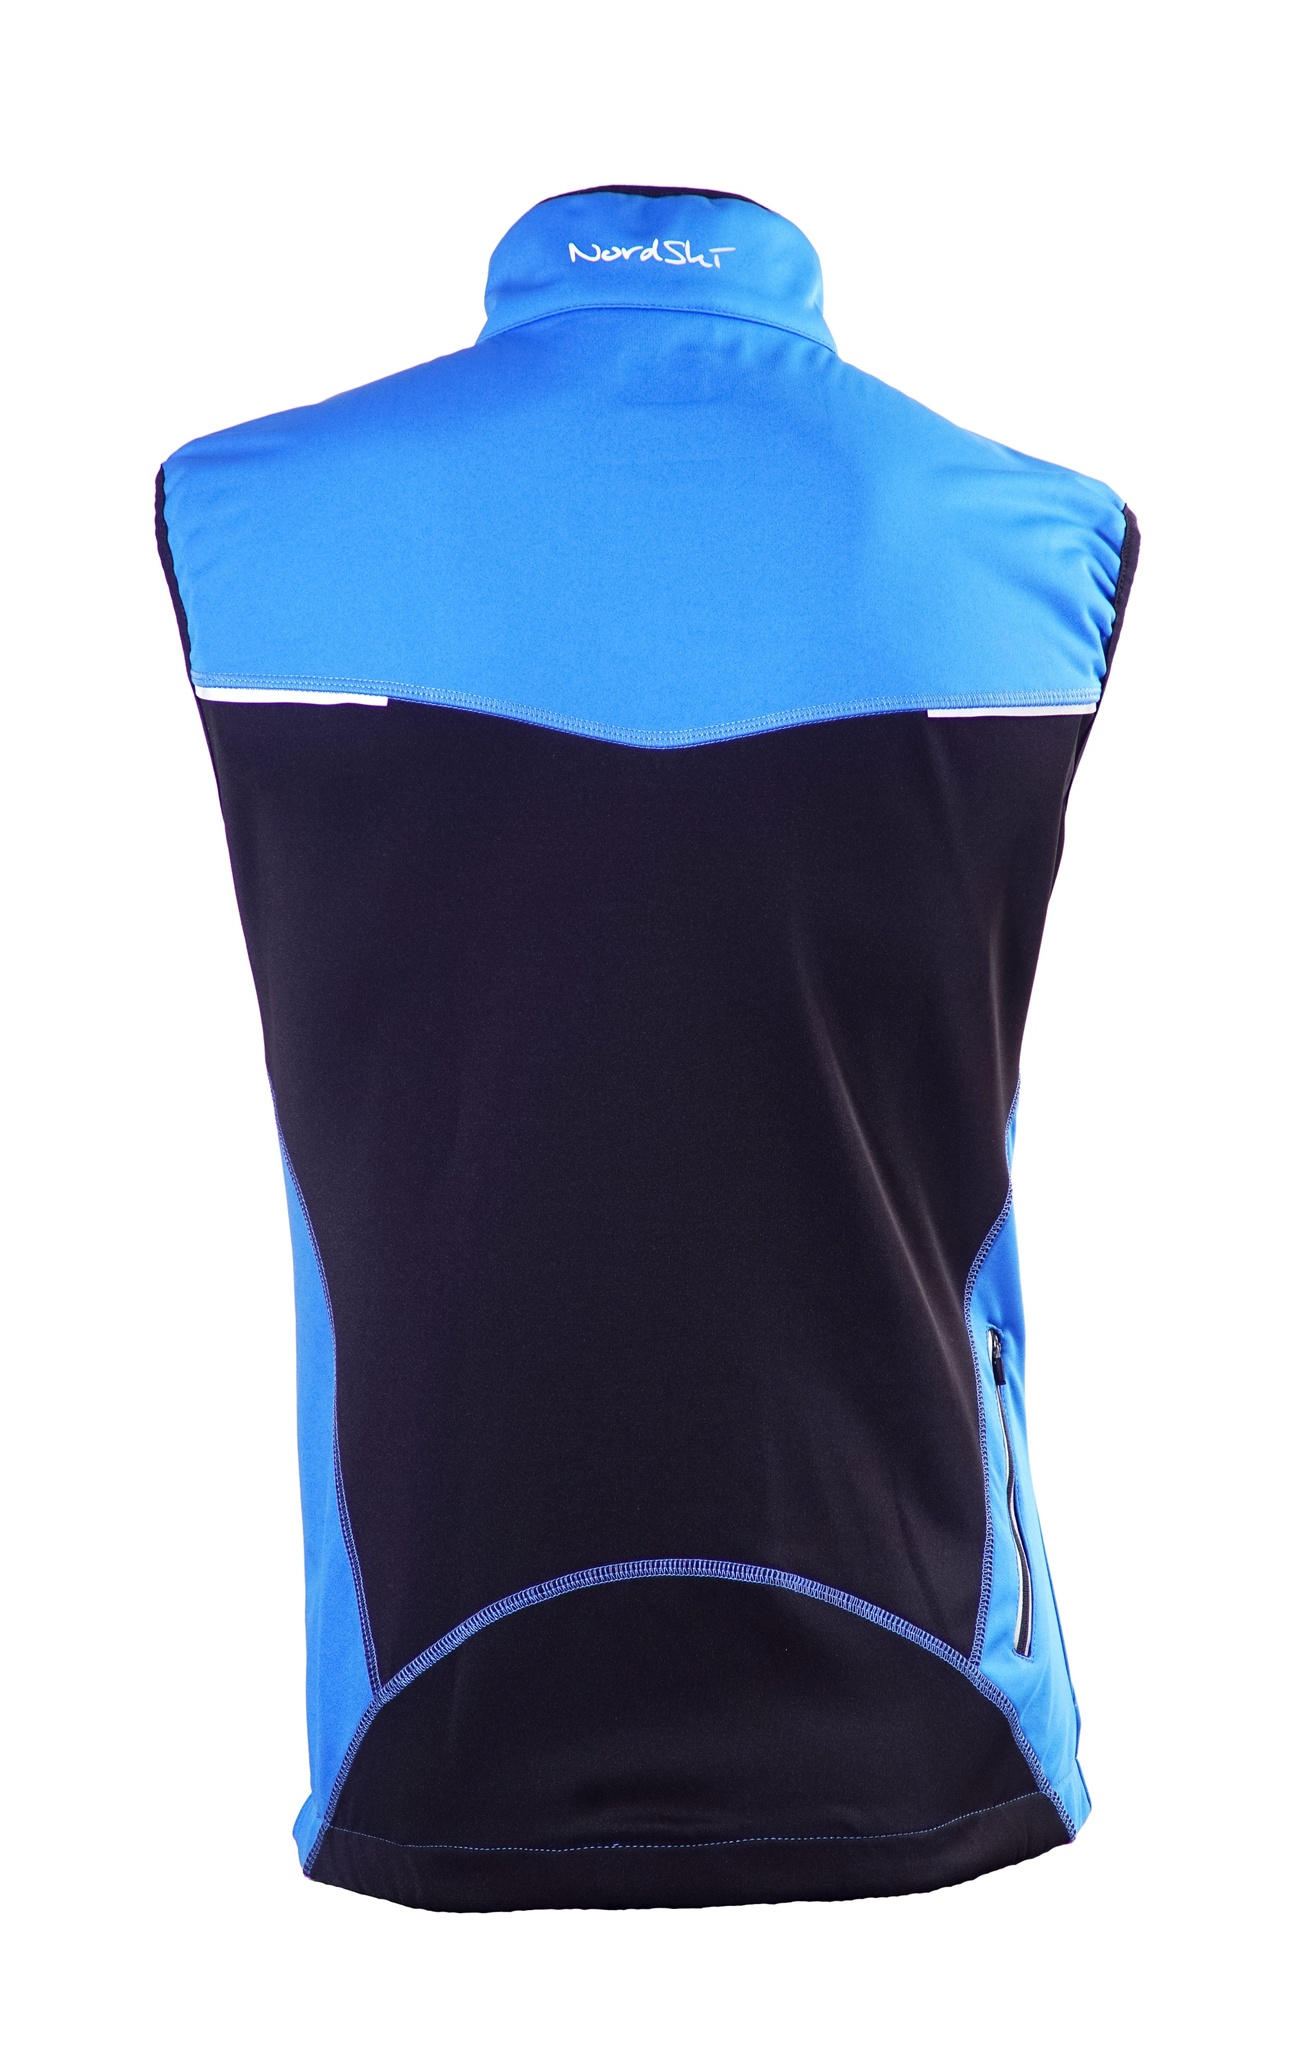 Детский лыжный жилет SoftShell Nordski Premium (NSJ312700) синий фото спина